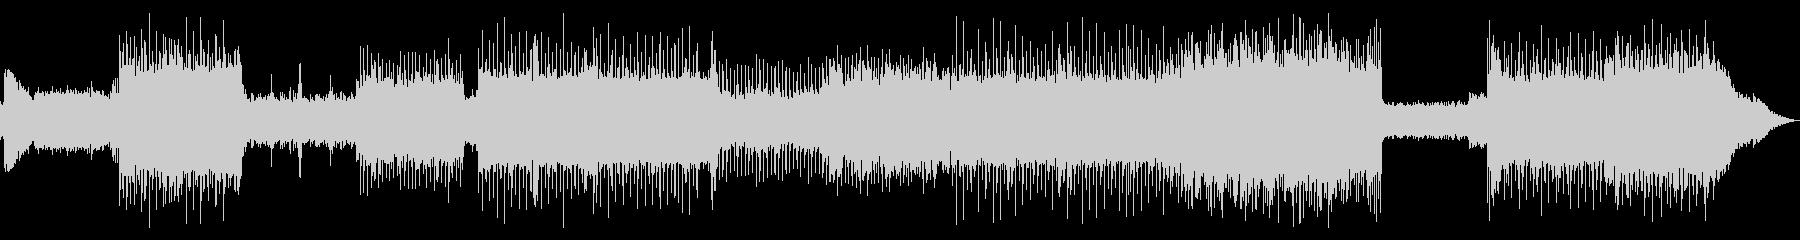 激しいギターロックサウンドの未再生の波形